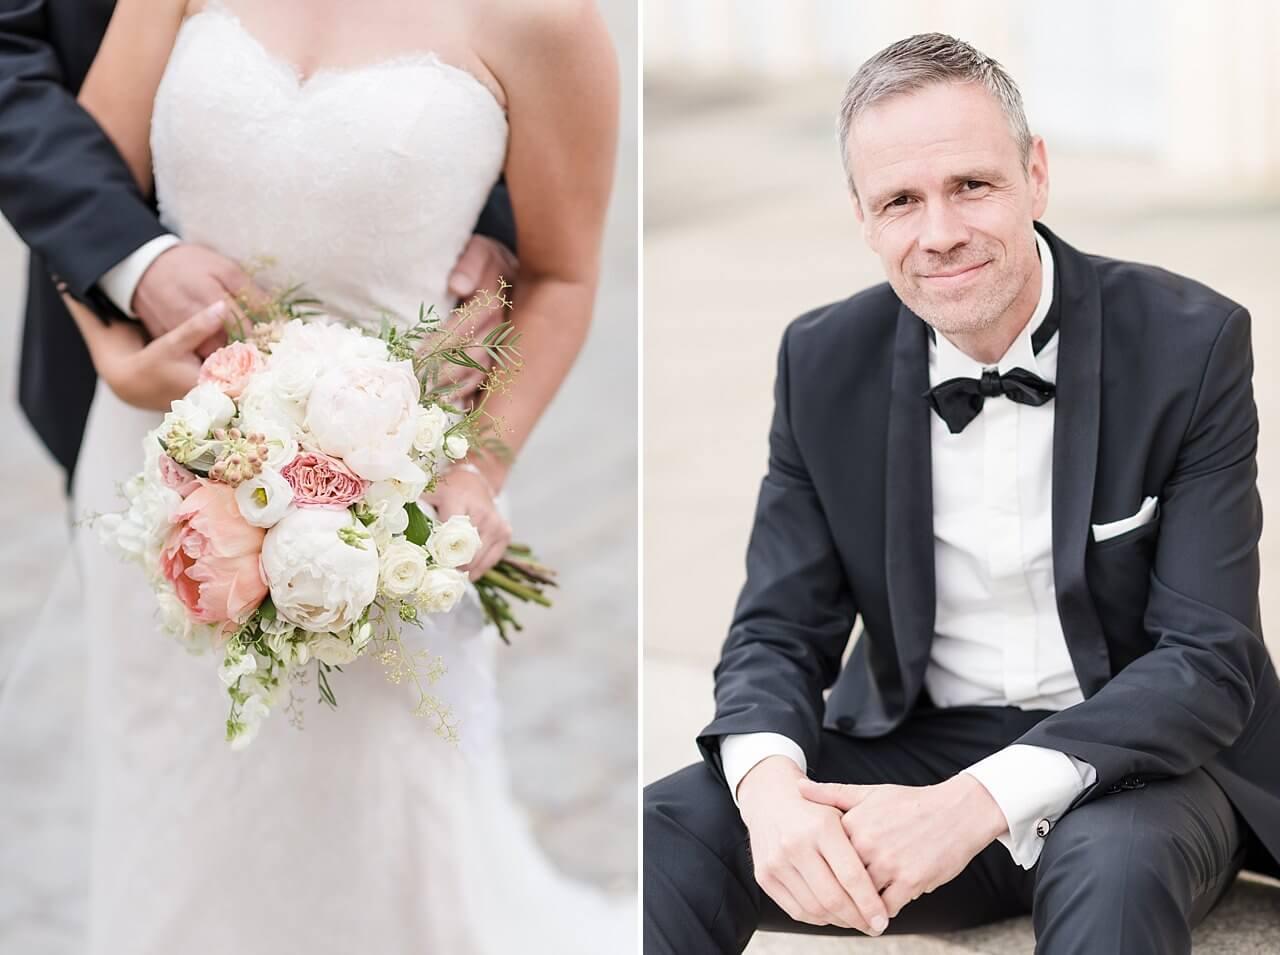 Rebecca Conte Fotografie: Traumhafte Hochzeit Gourmet Berner 09